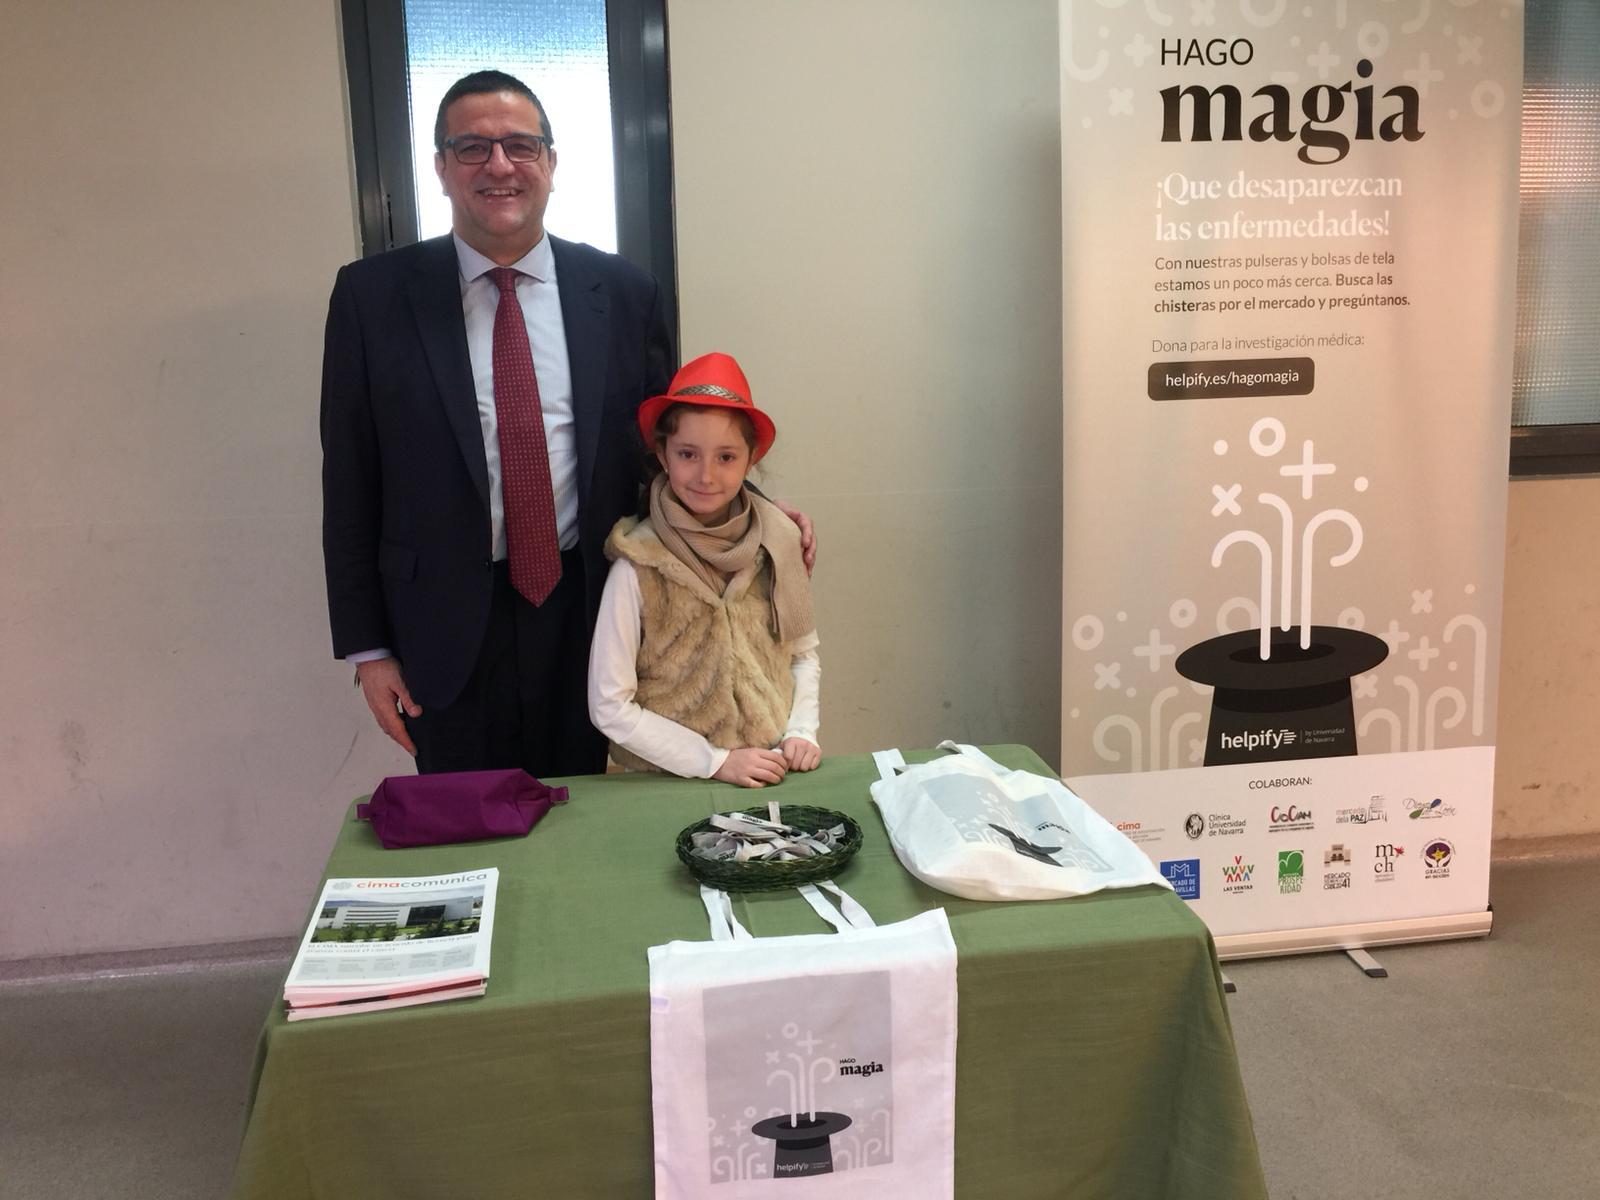 Evento Hago Magia. Escuela de Magos Ana Tamariz. Helpify